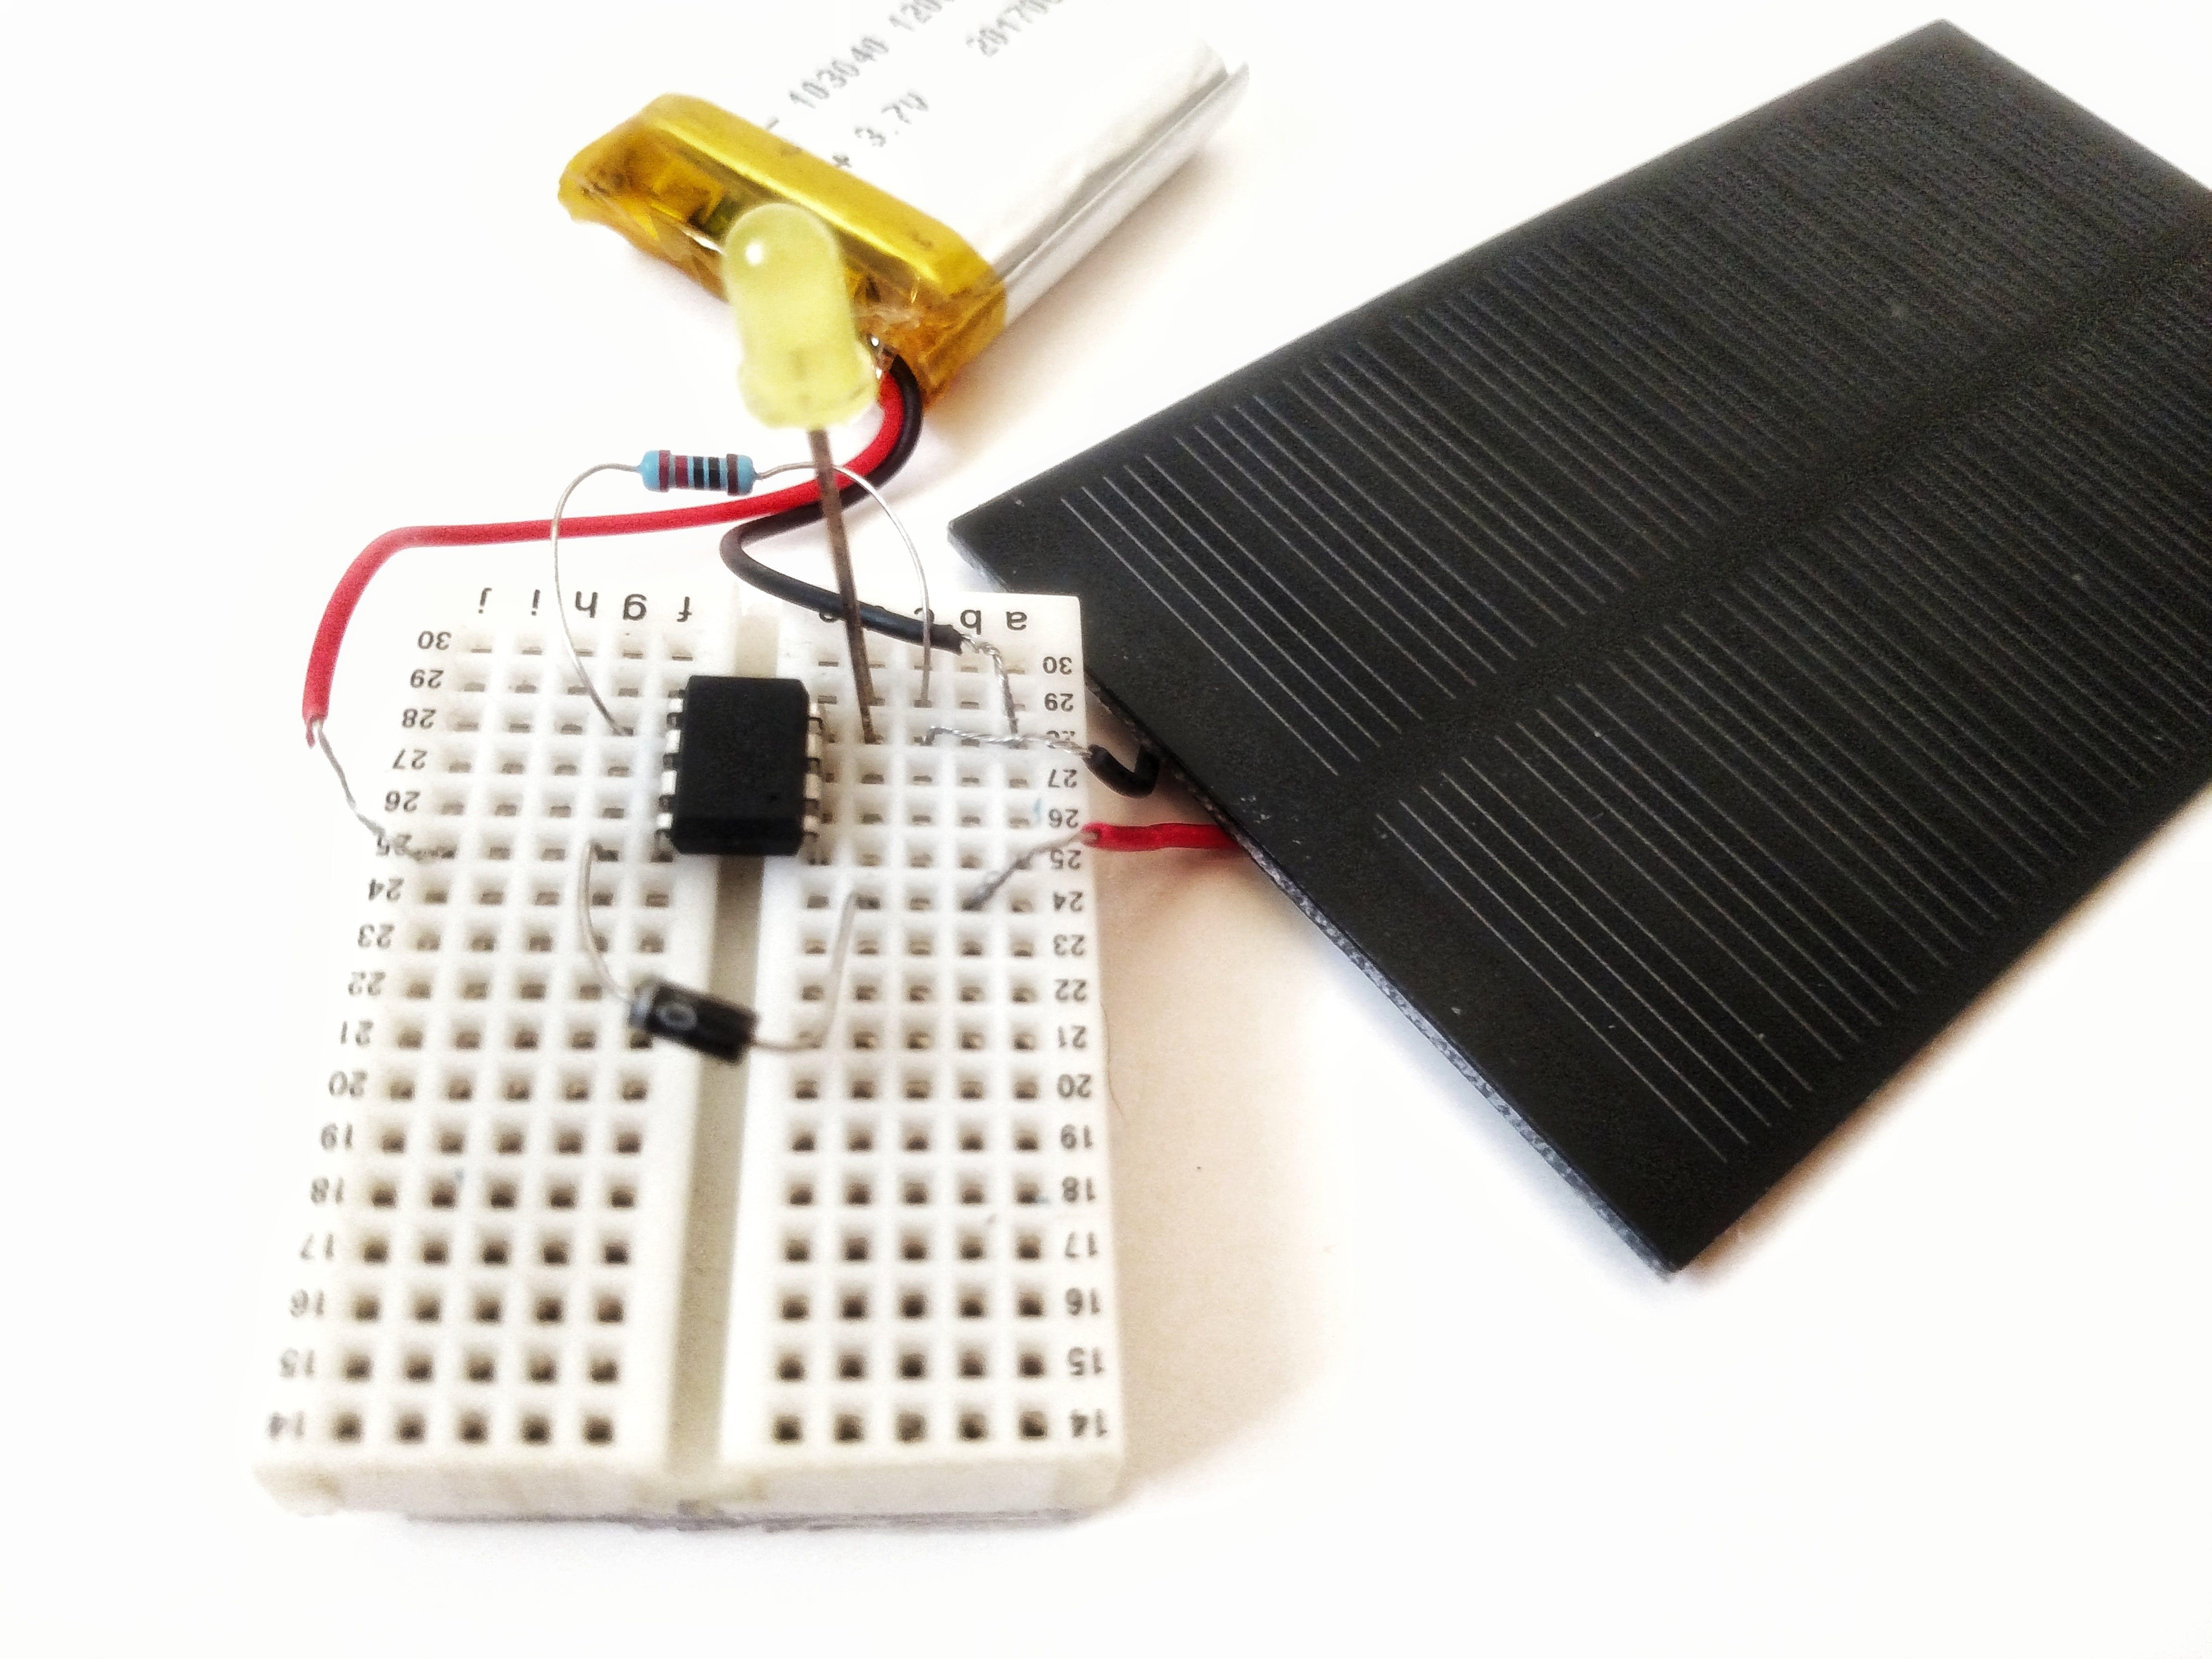 Solar Powered ATtiny85